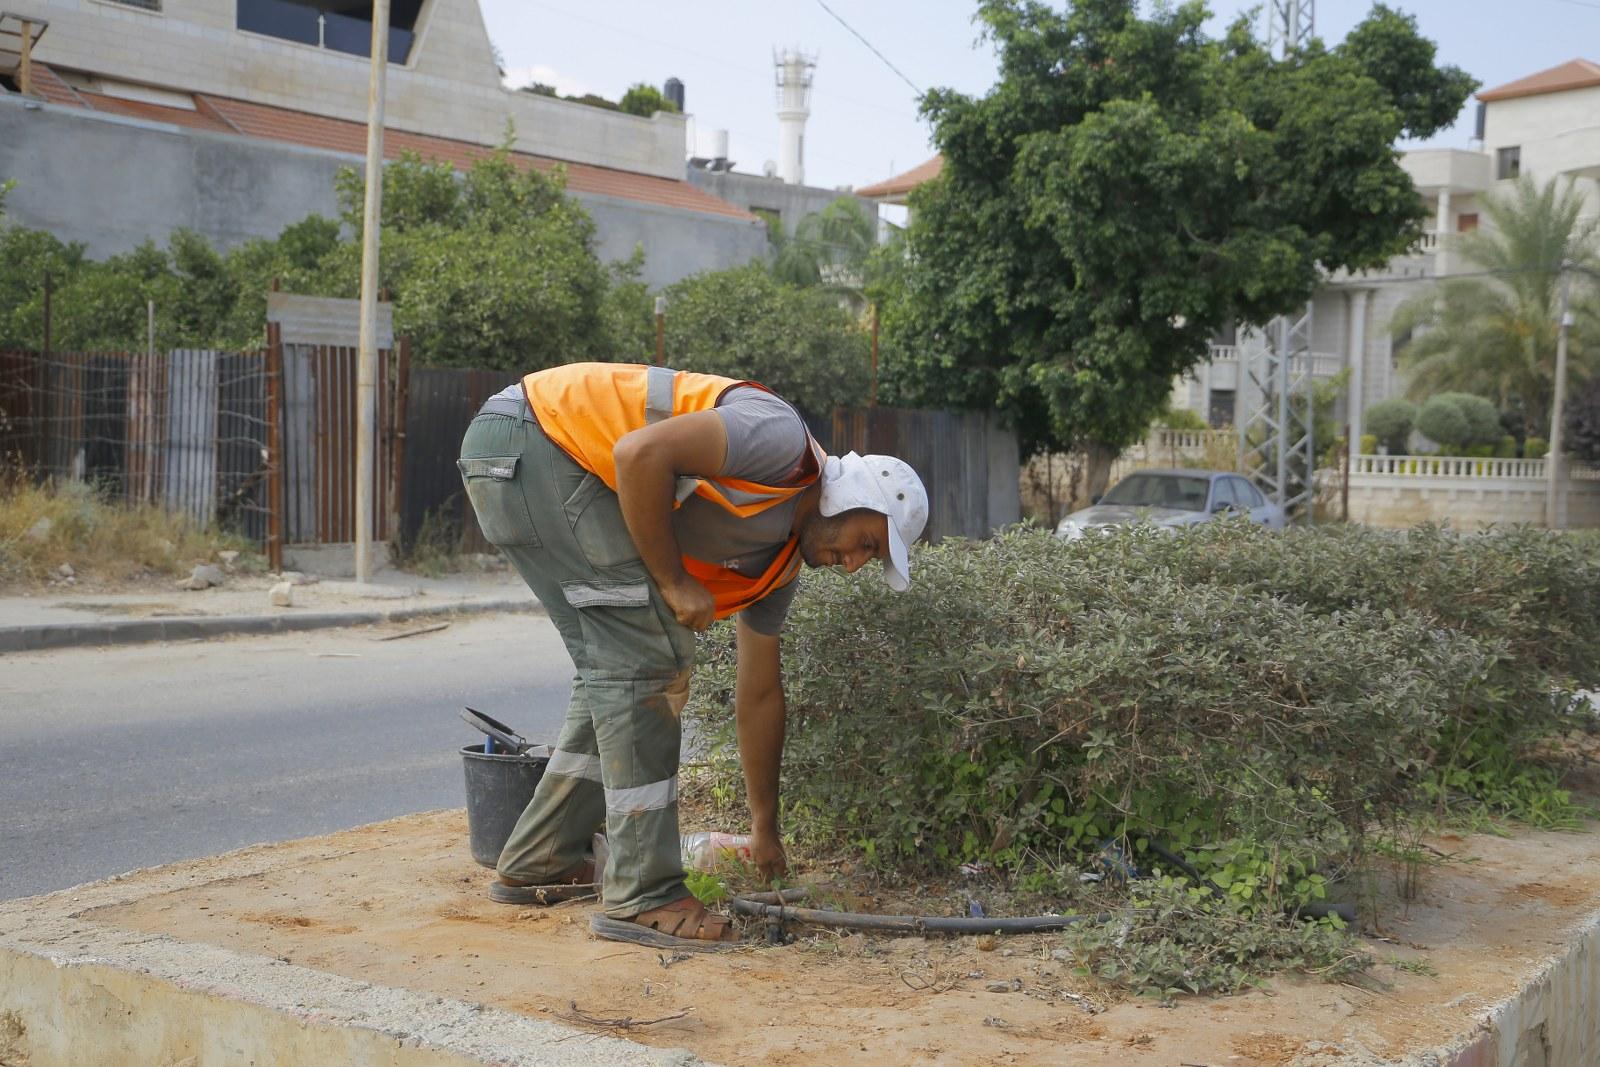 اعمال زراعة في مناطق مختلفة من المدينة